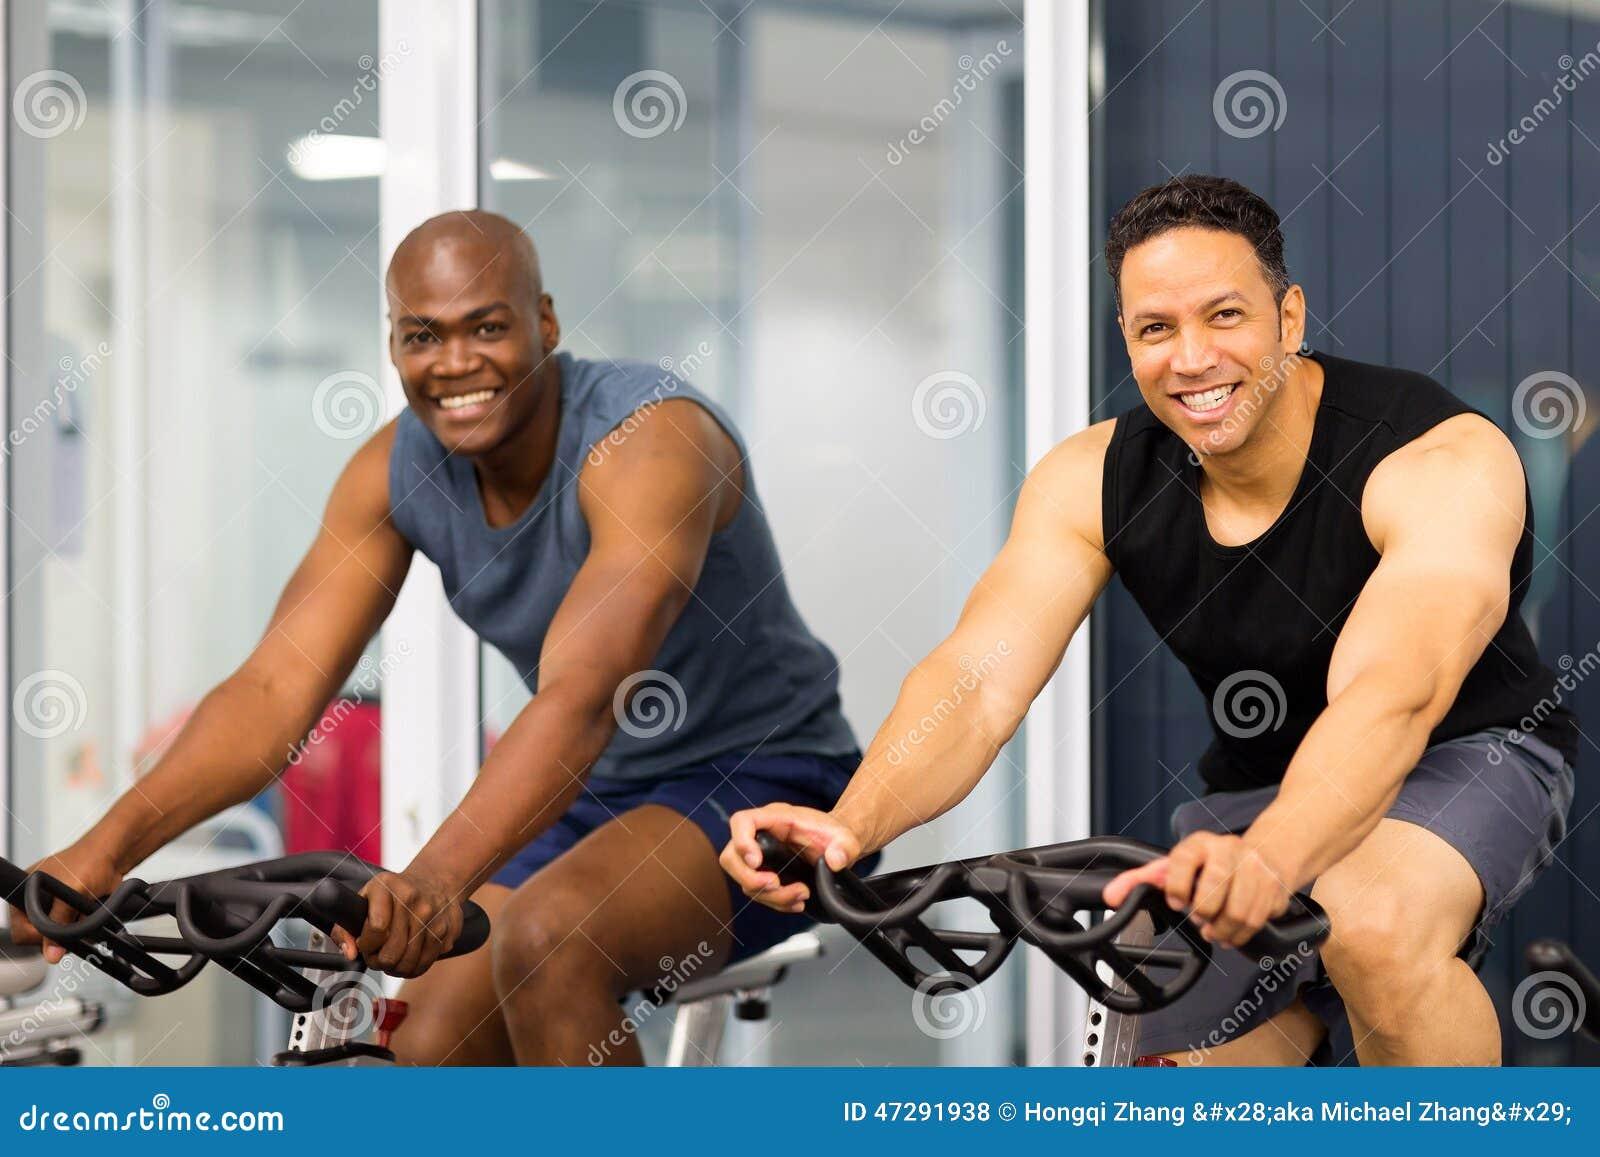 Fitness guys biking